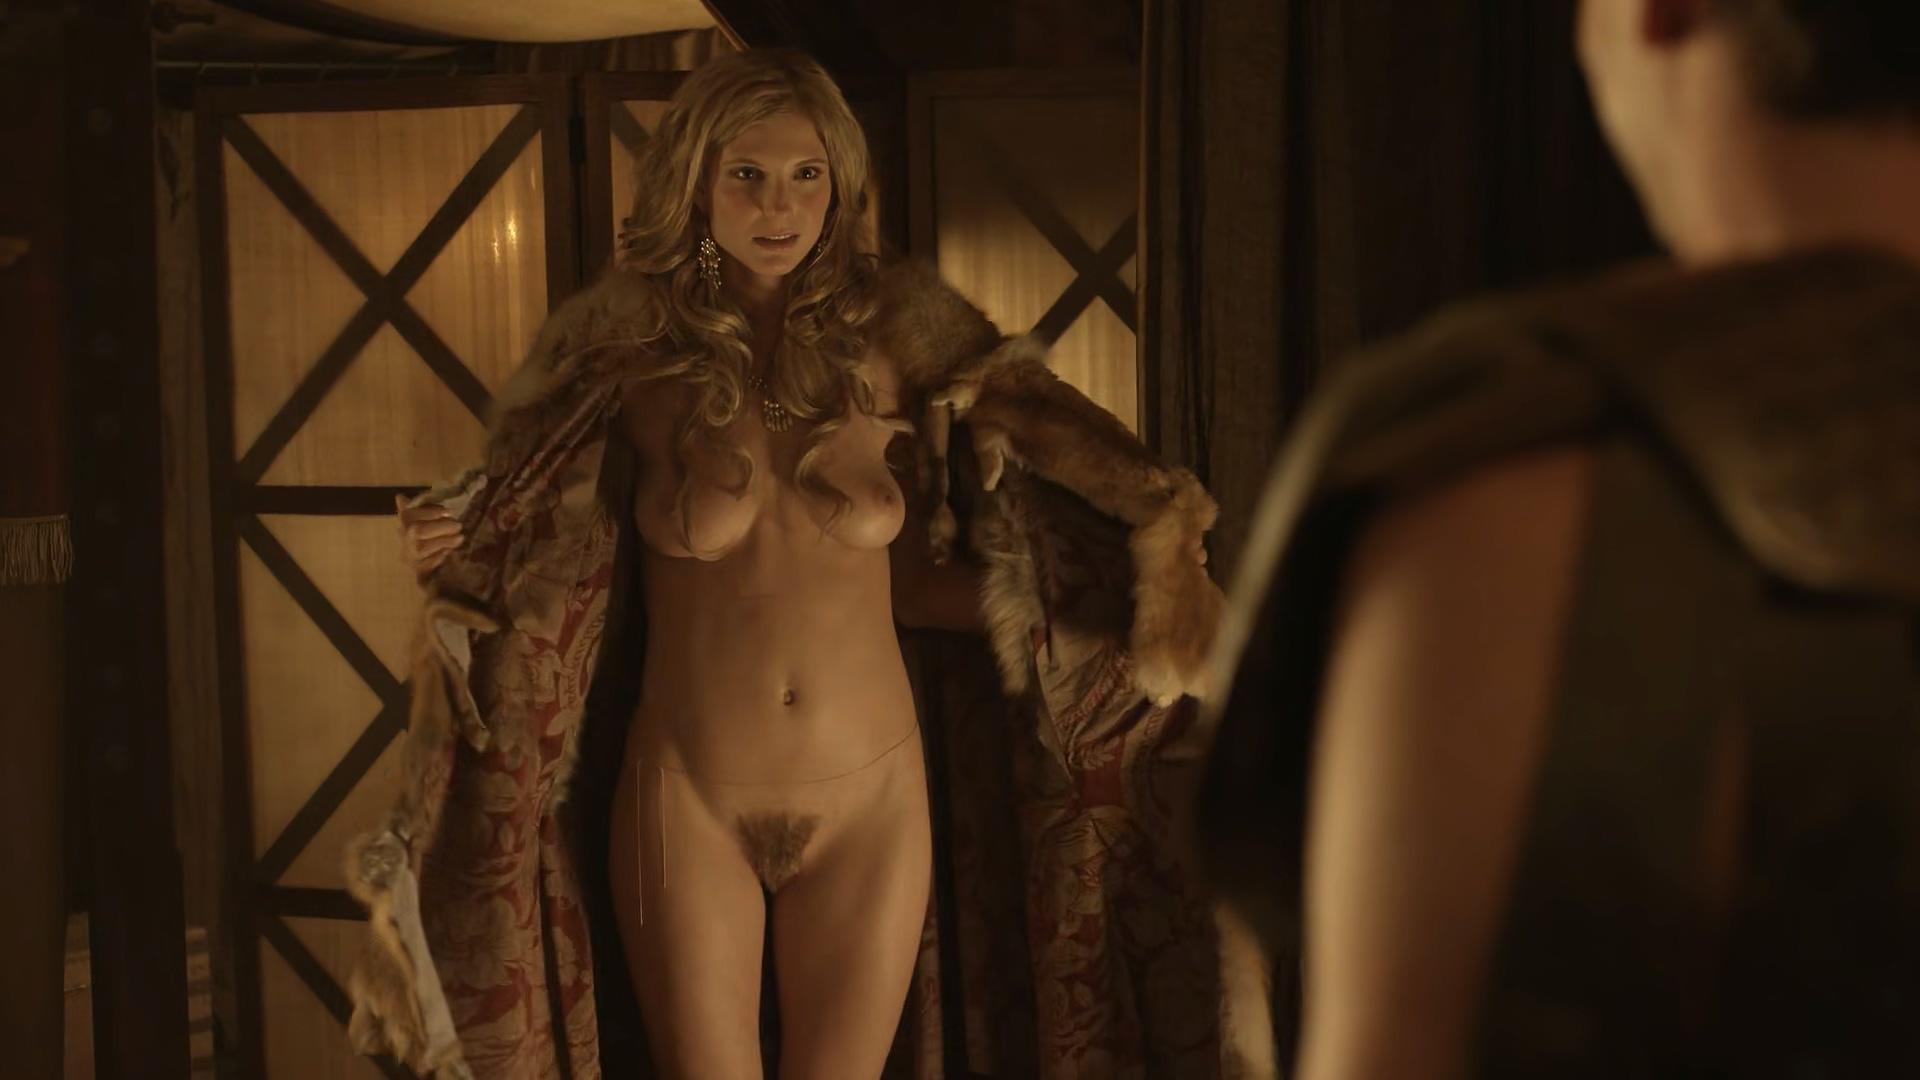 Эротика фильм без цензуры смотреть